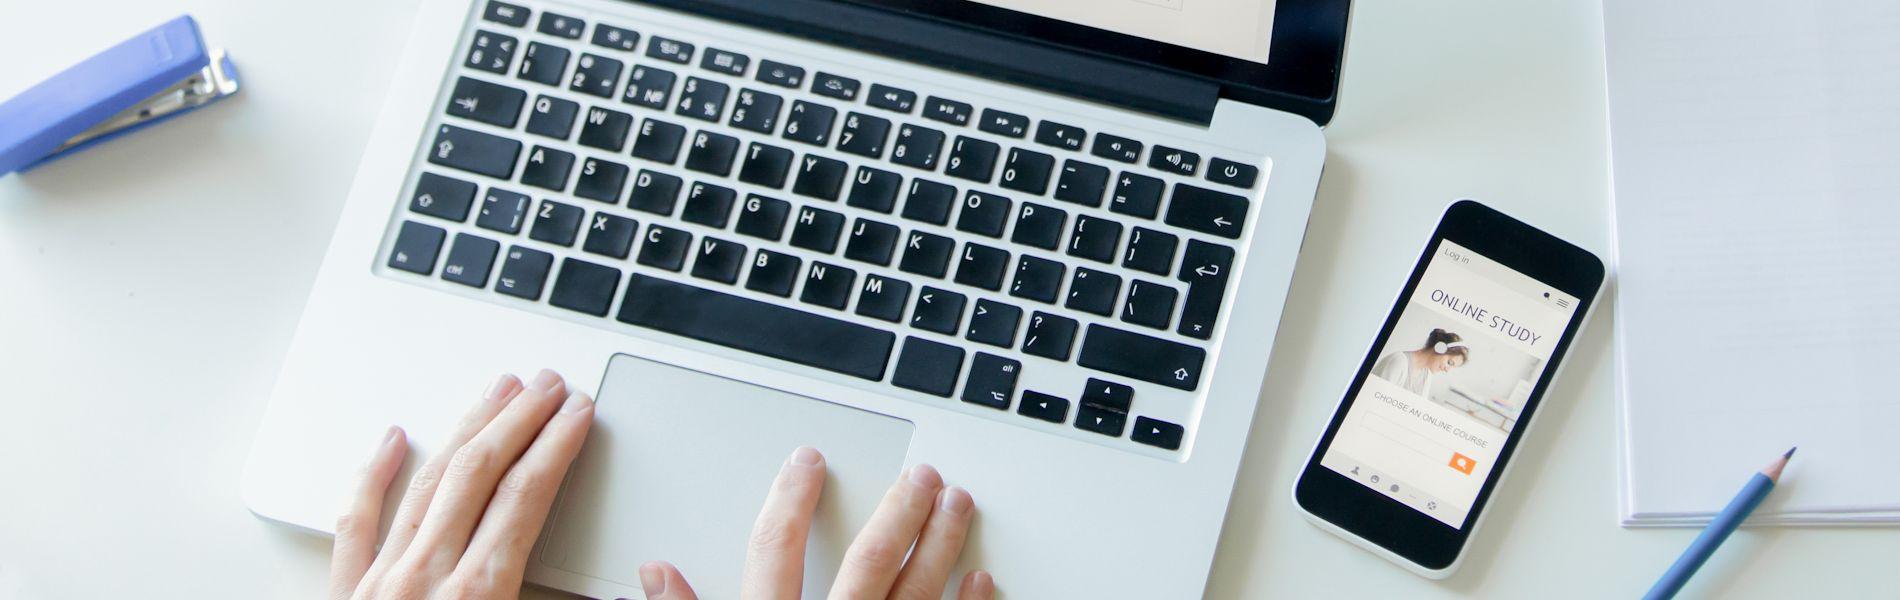 ウチナラ | オンラインレッスンが見つかる・比較できる